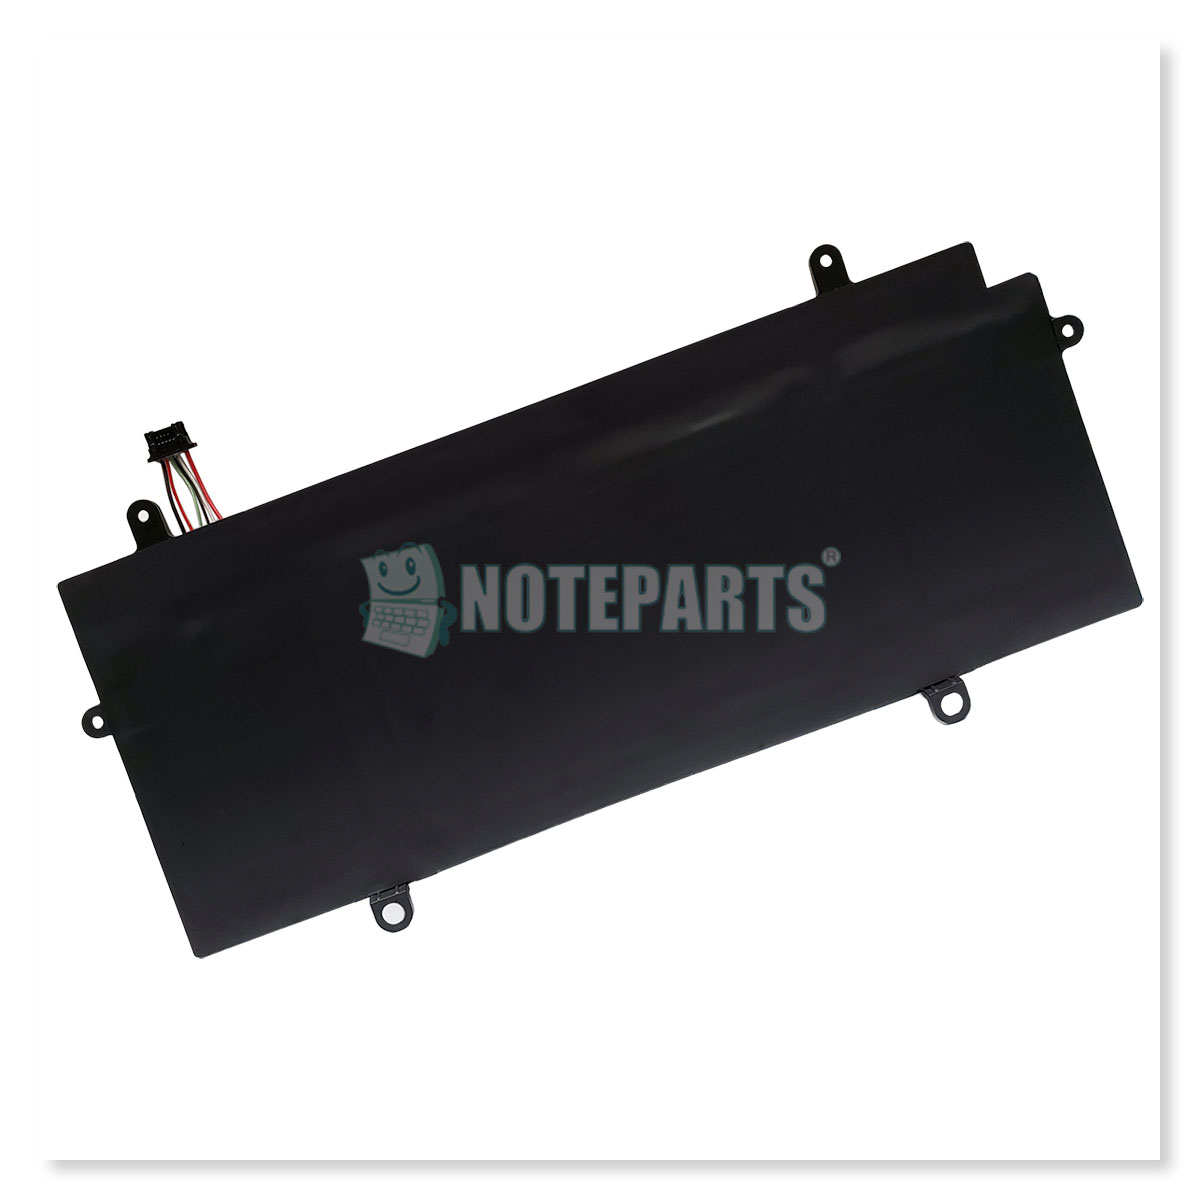 東芝 Toshiba dynabook R634/K R634/L R634/M R63/P R63/D RZ63/C バッテリー PA5136U-1BRS対応